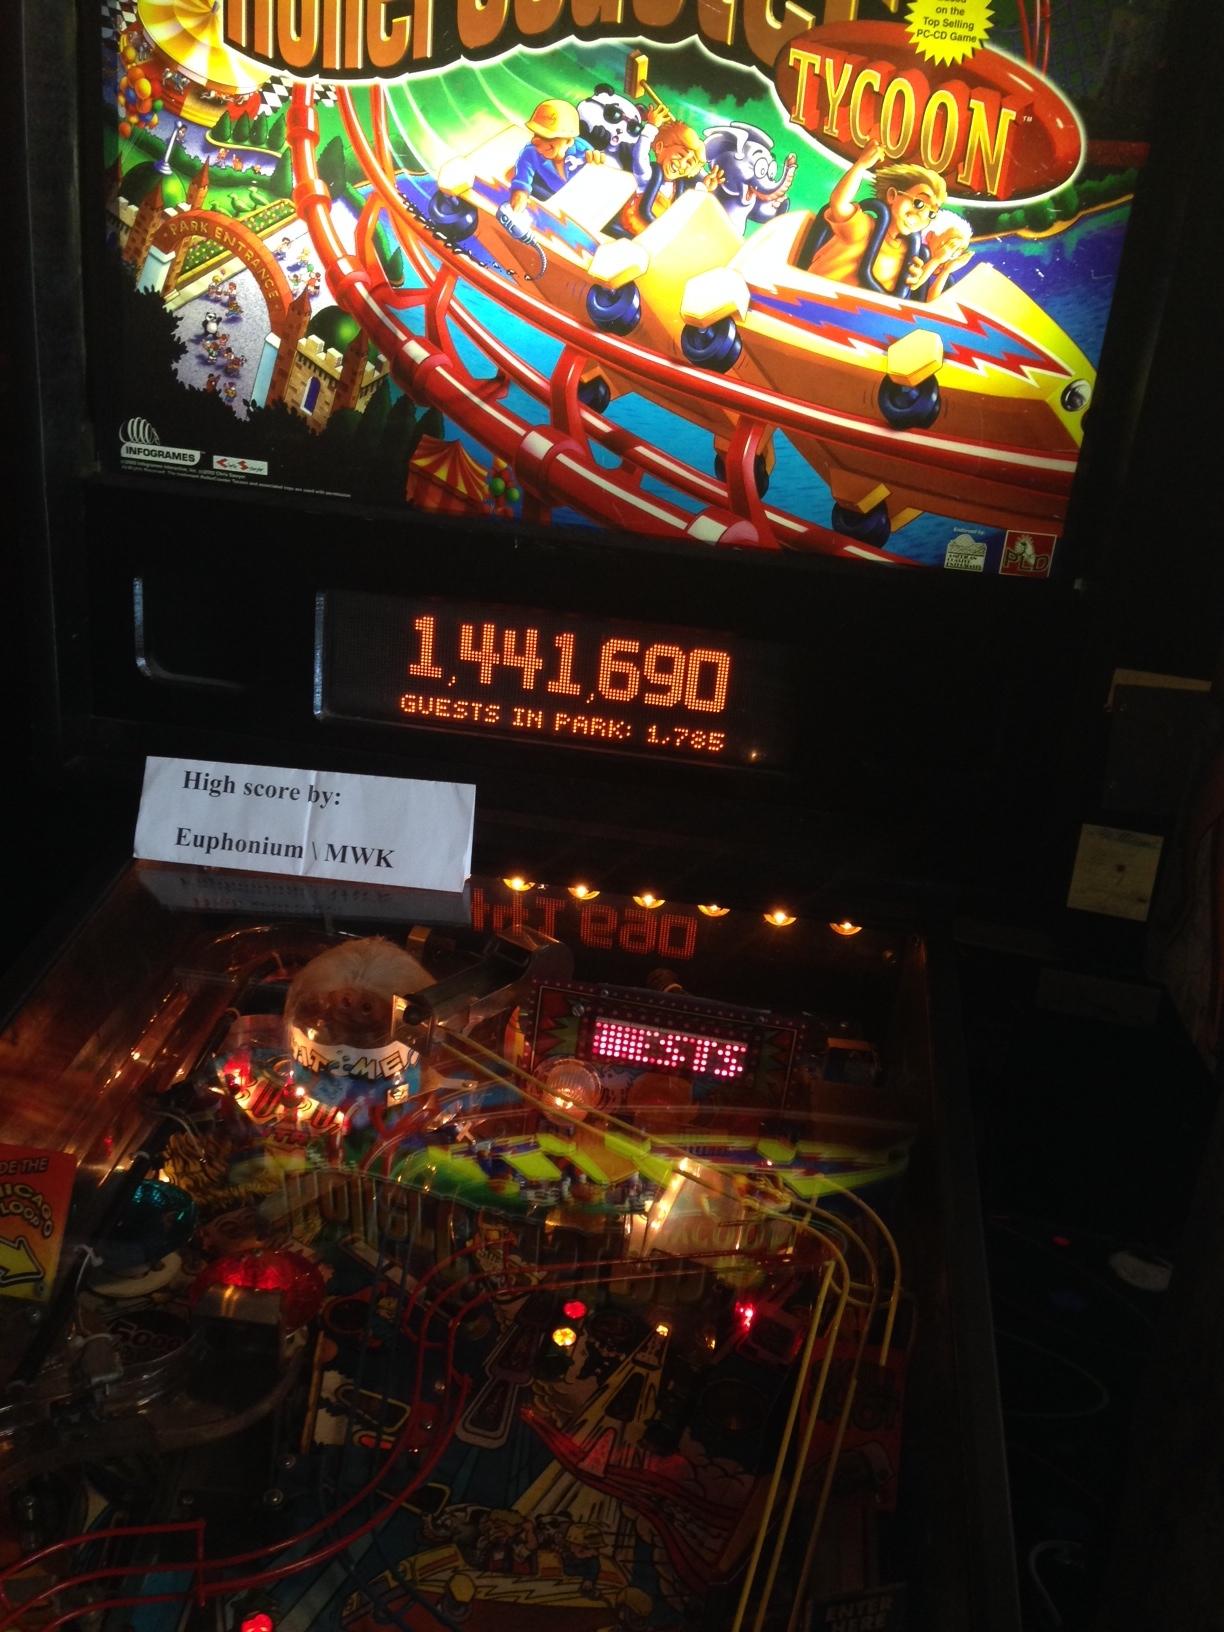 euphonium: RollerCoaster Tycoon (Pinball: 3 Balls) 1,441,690 points on 2016-08-13 19:44:09